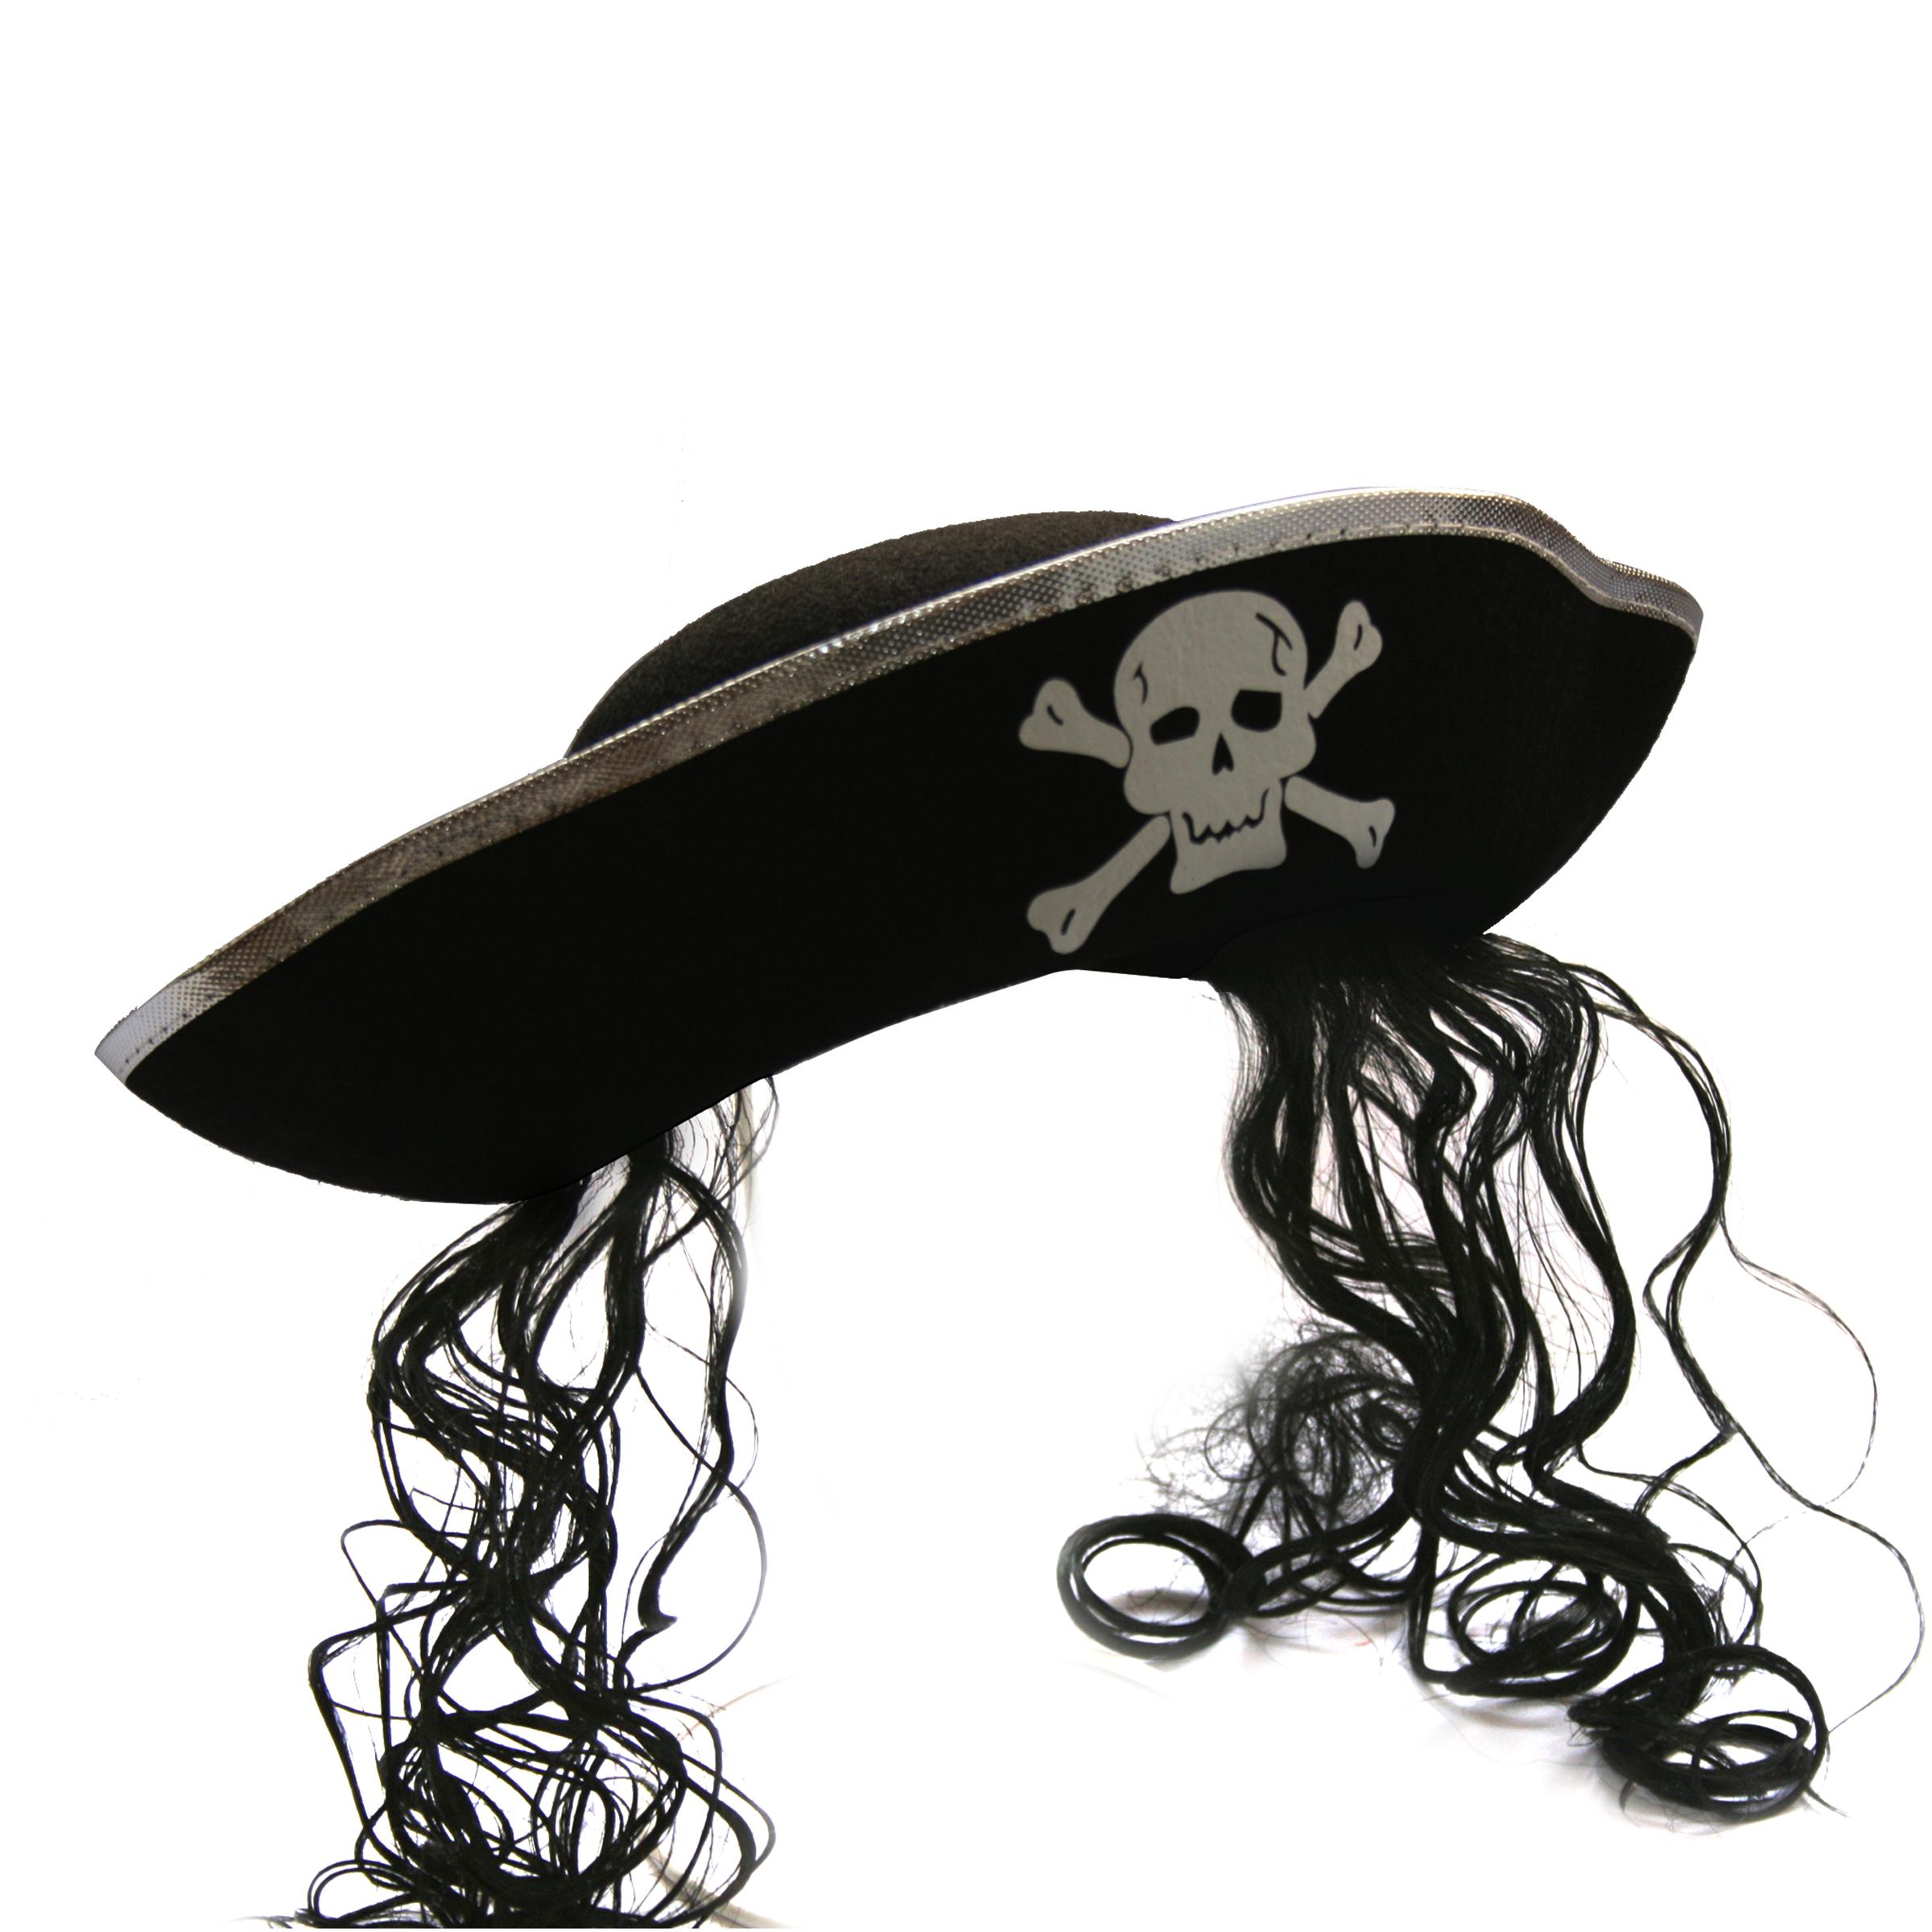 عکس کلاه دزدان دریایی مناسب برای تم تولد